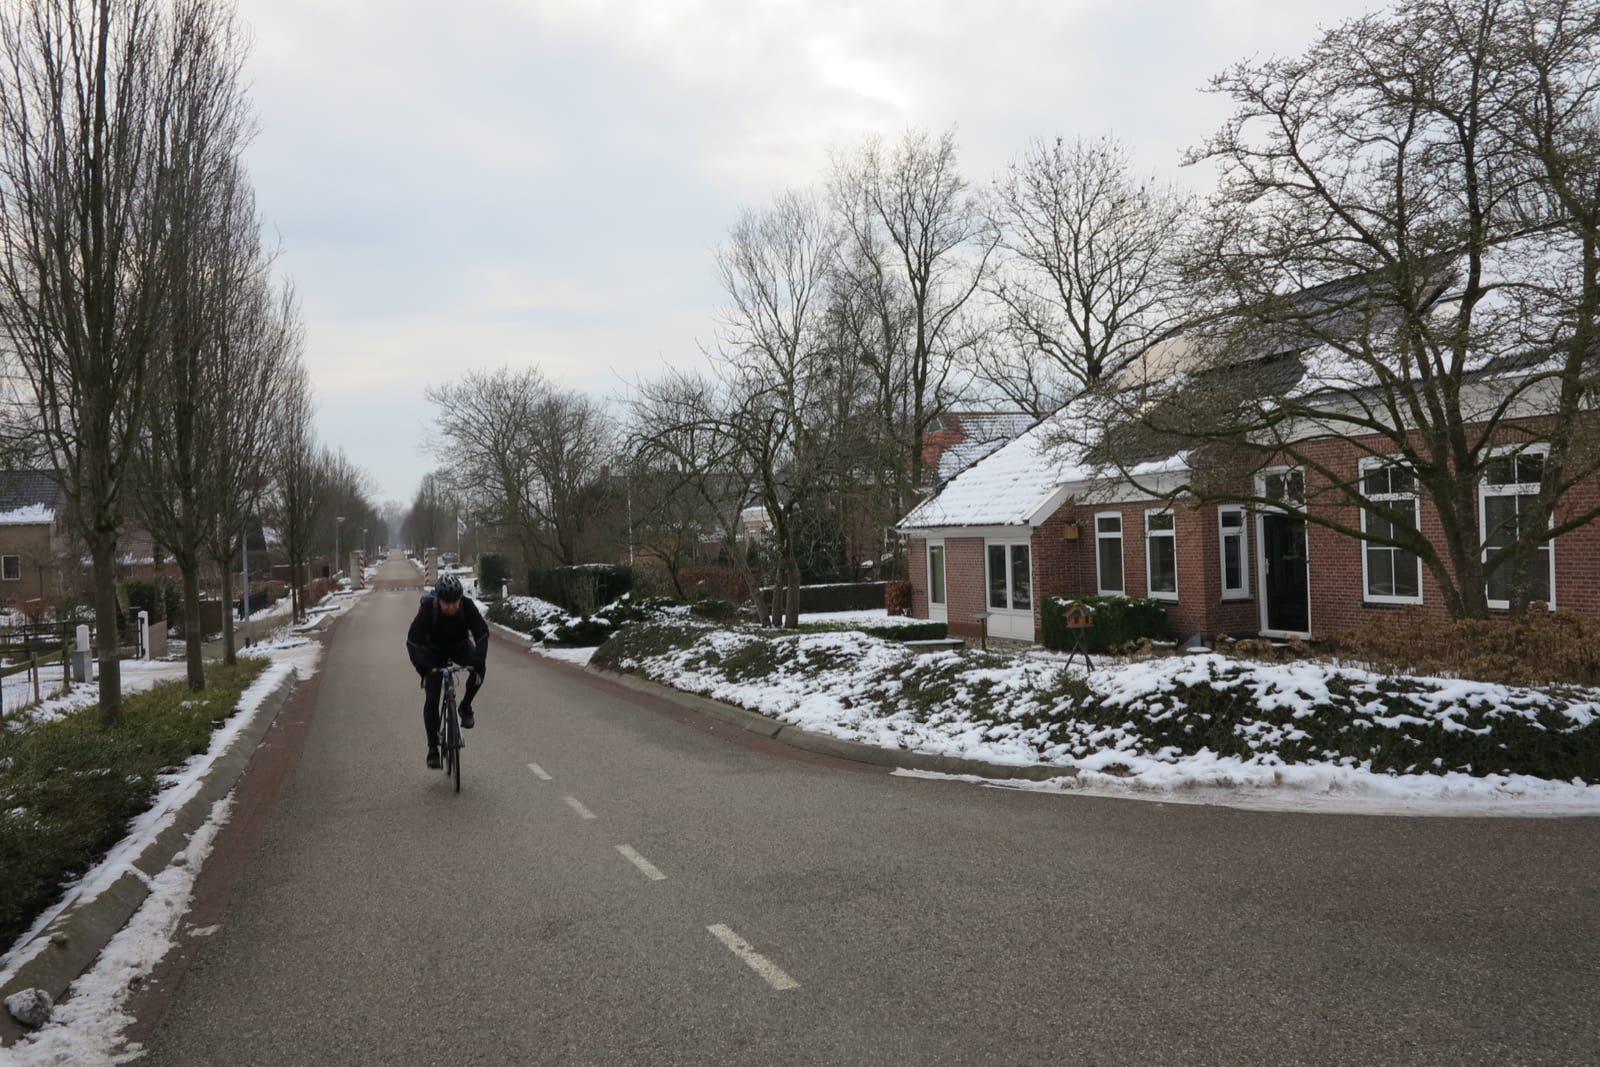 et-fiets-en-fietser-05-bram-ten-cate-oi.jpg